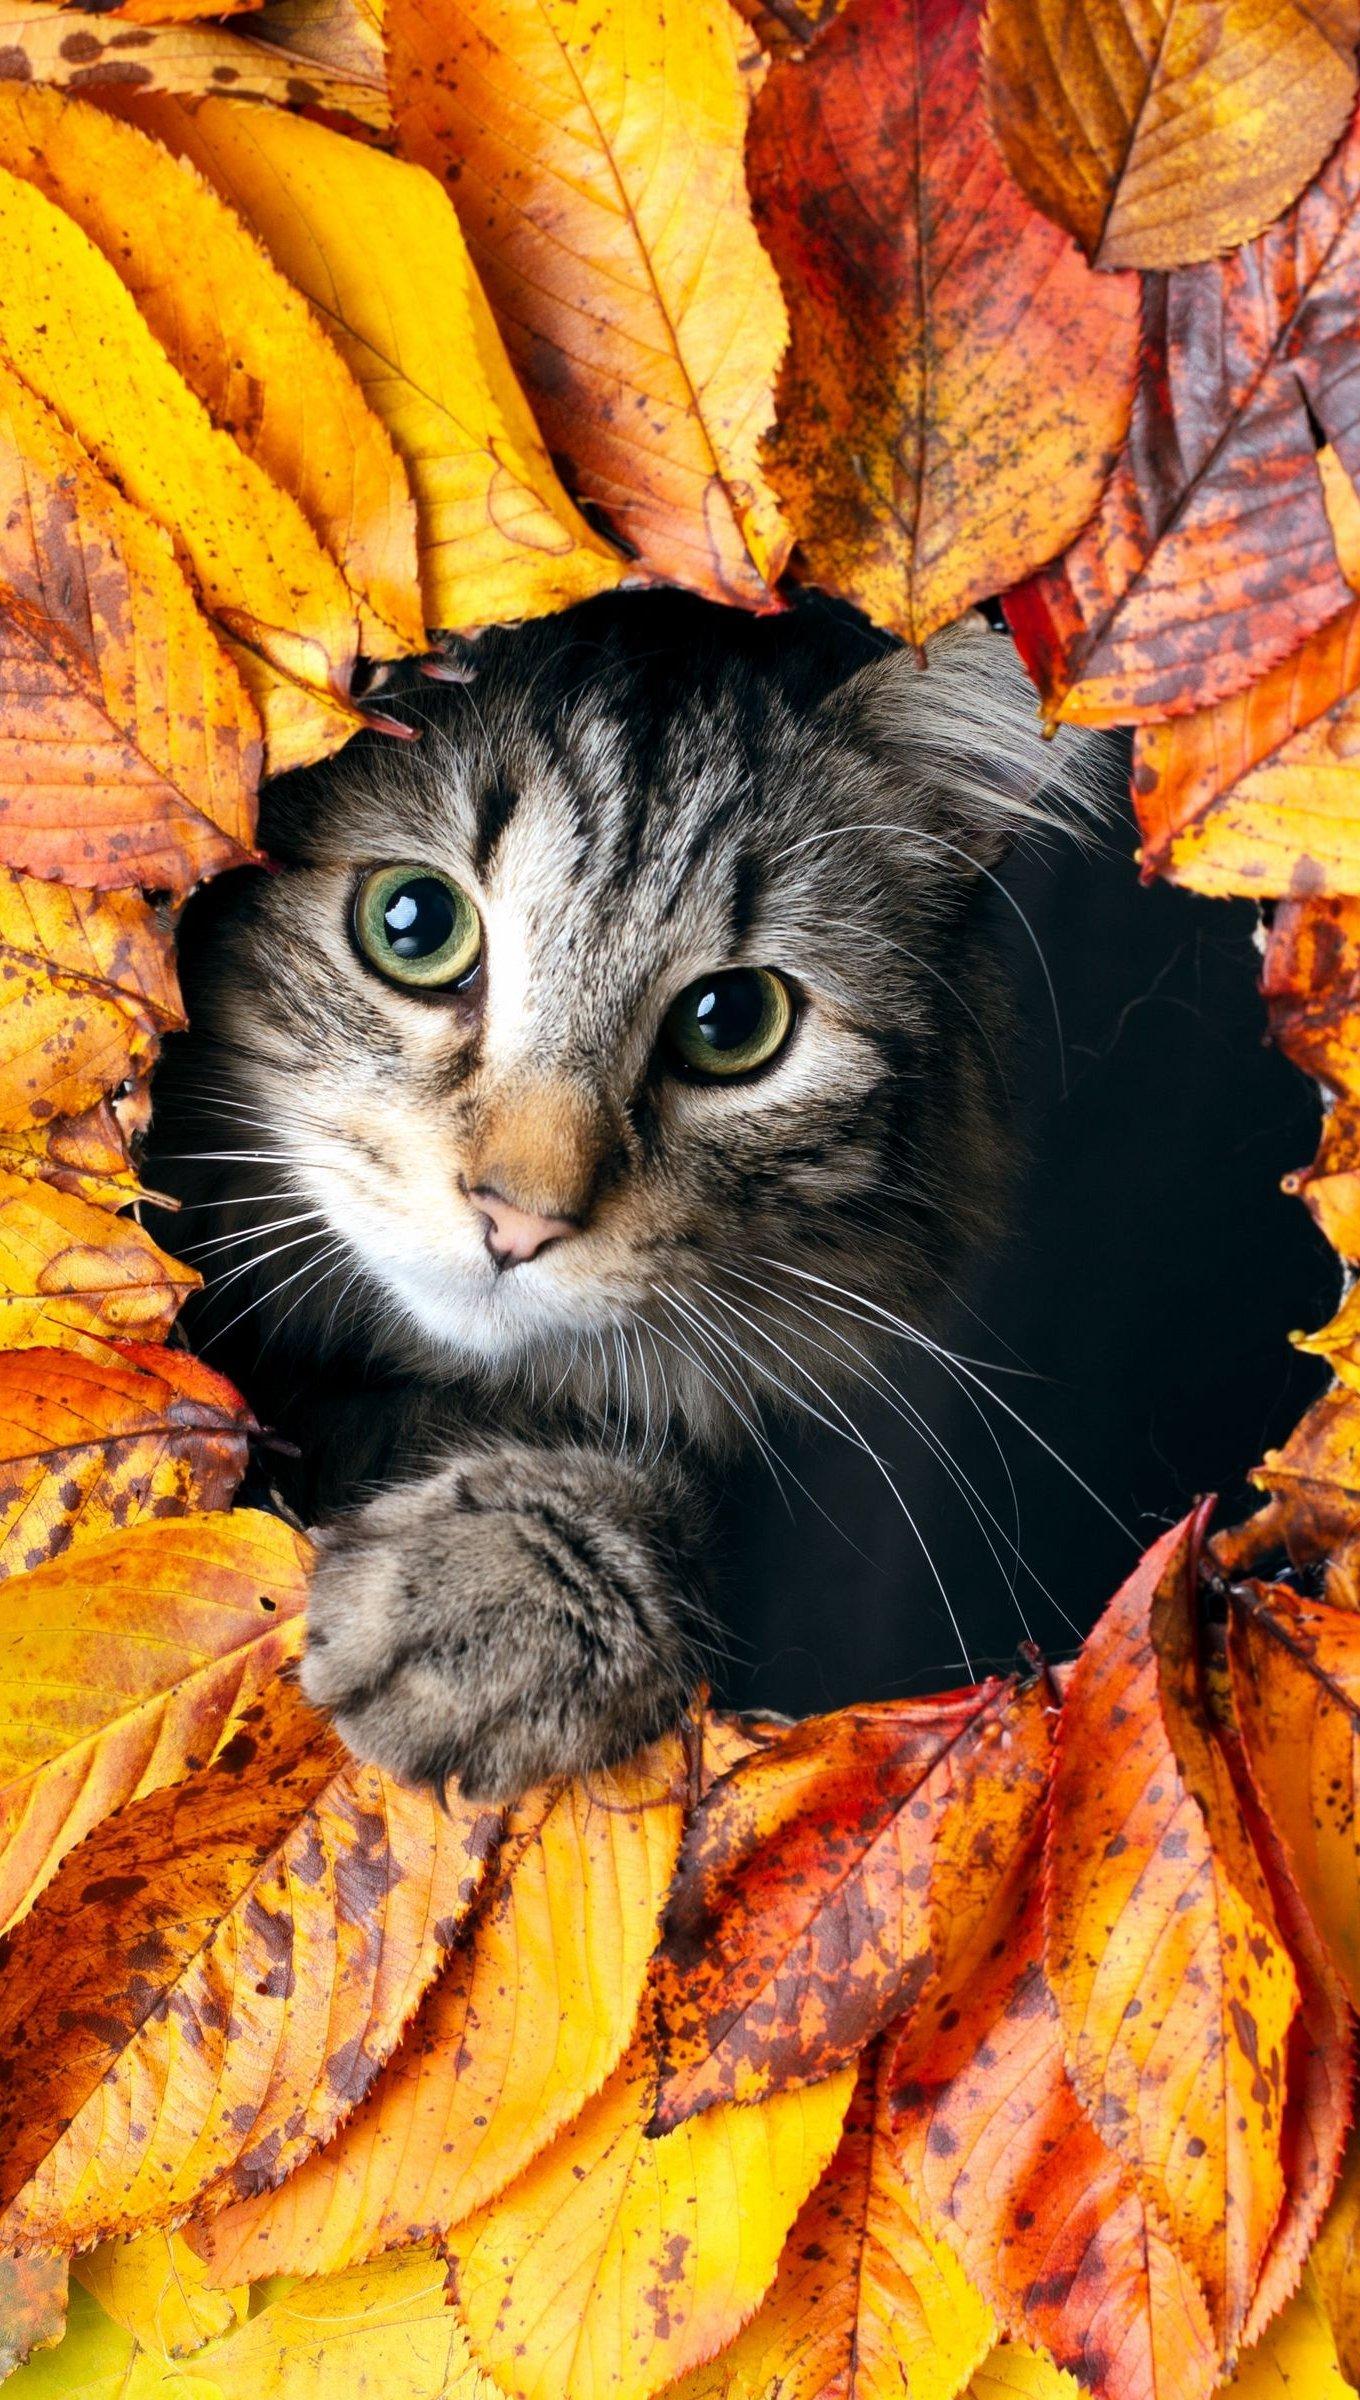 Kitten In Autumn Leaves Wallpaper 4k Ultra Hd Id 6669